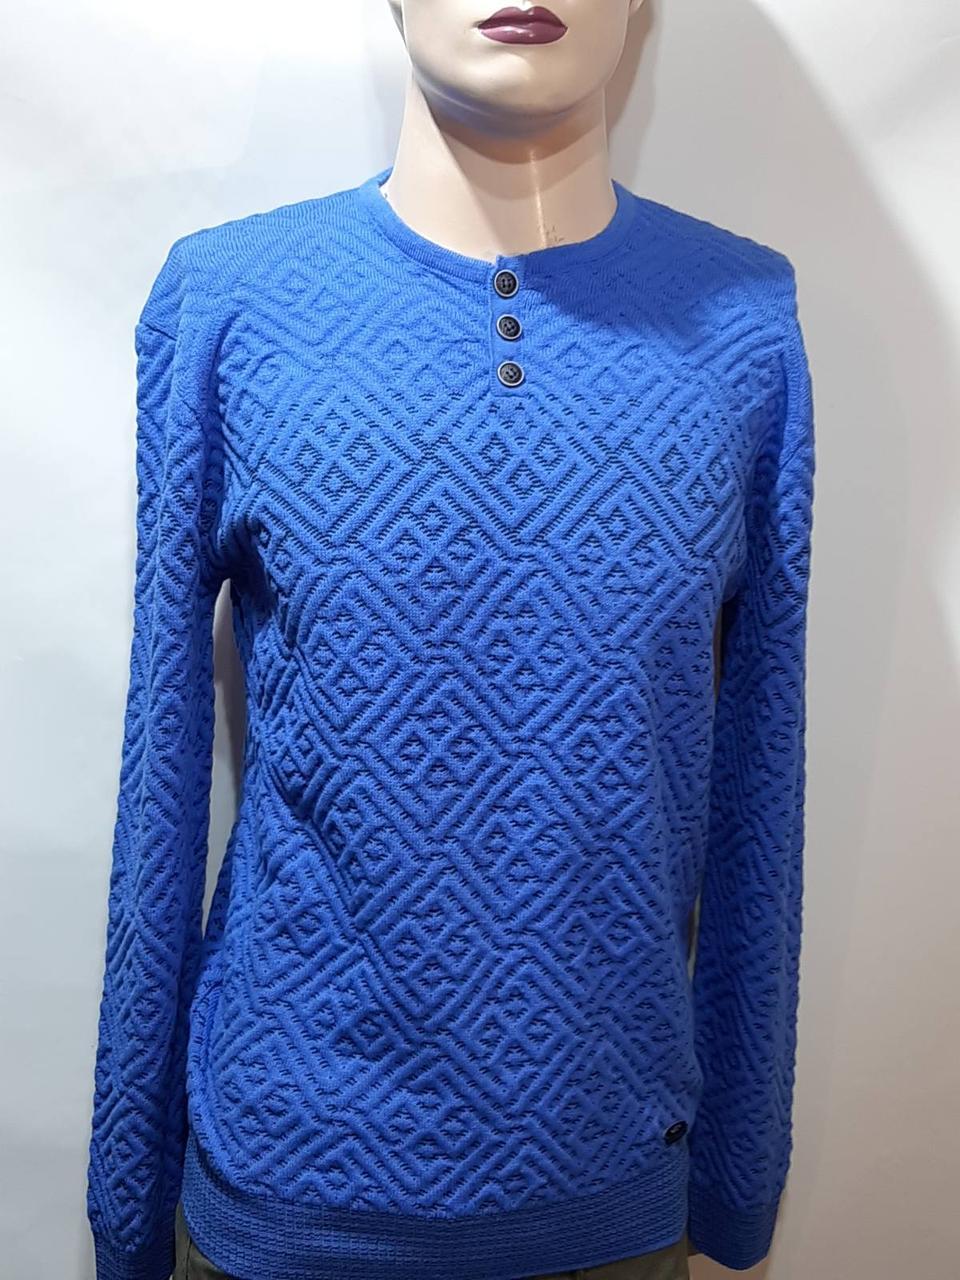 Батник чоловічий пуловер весняний светр Туреччина Синій